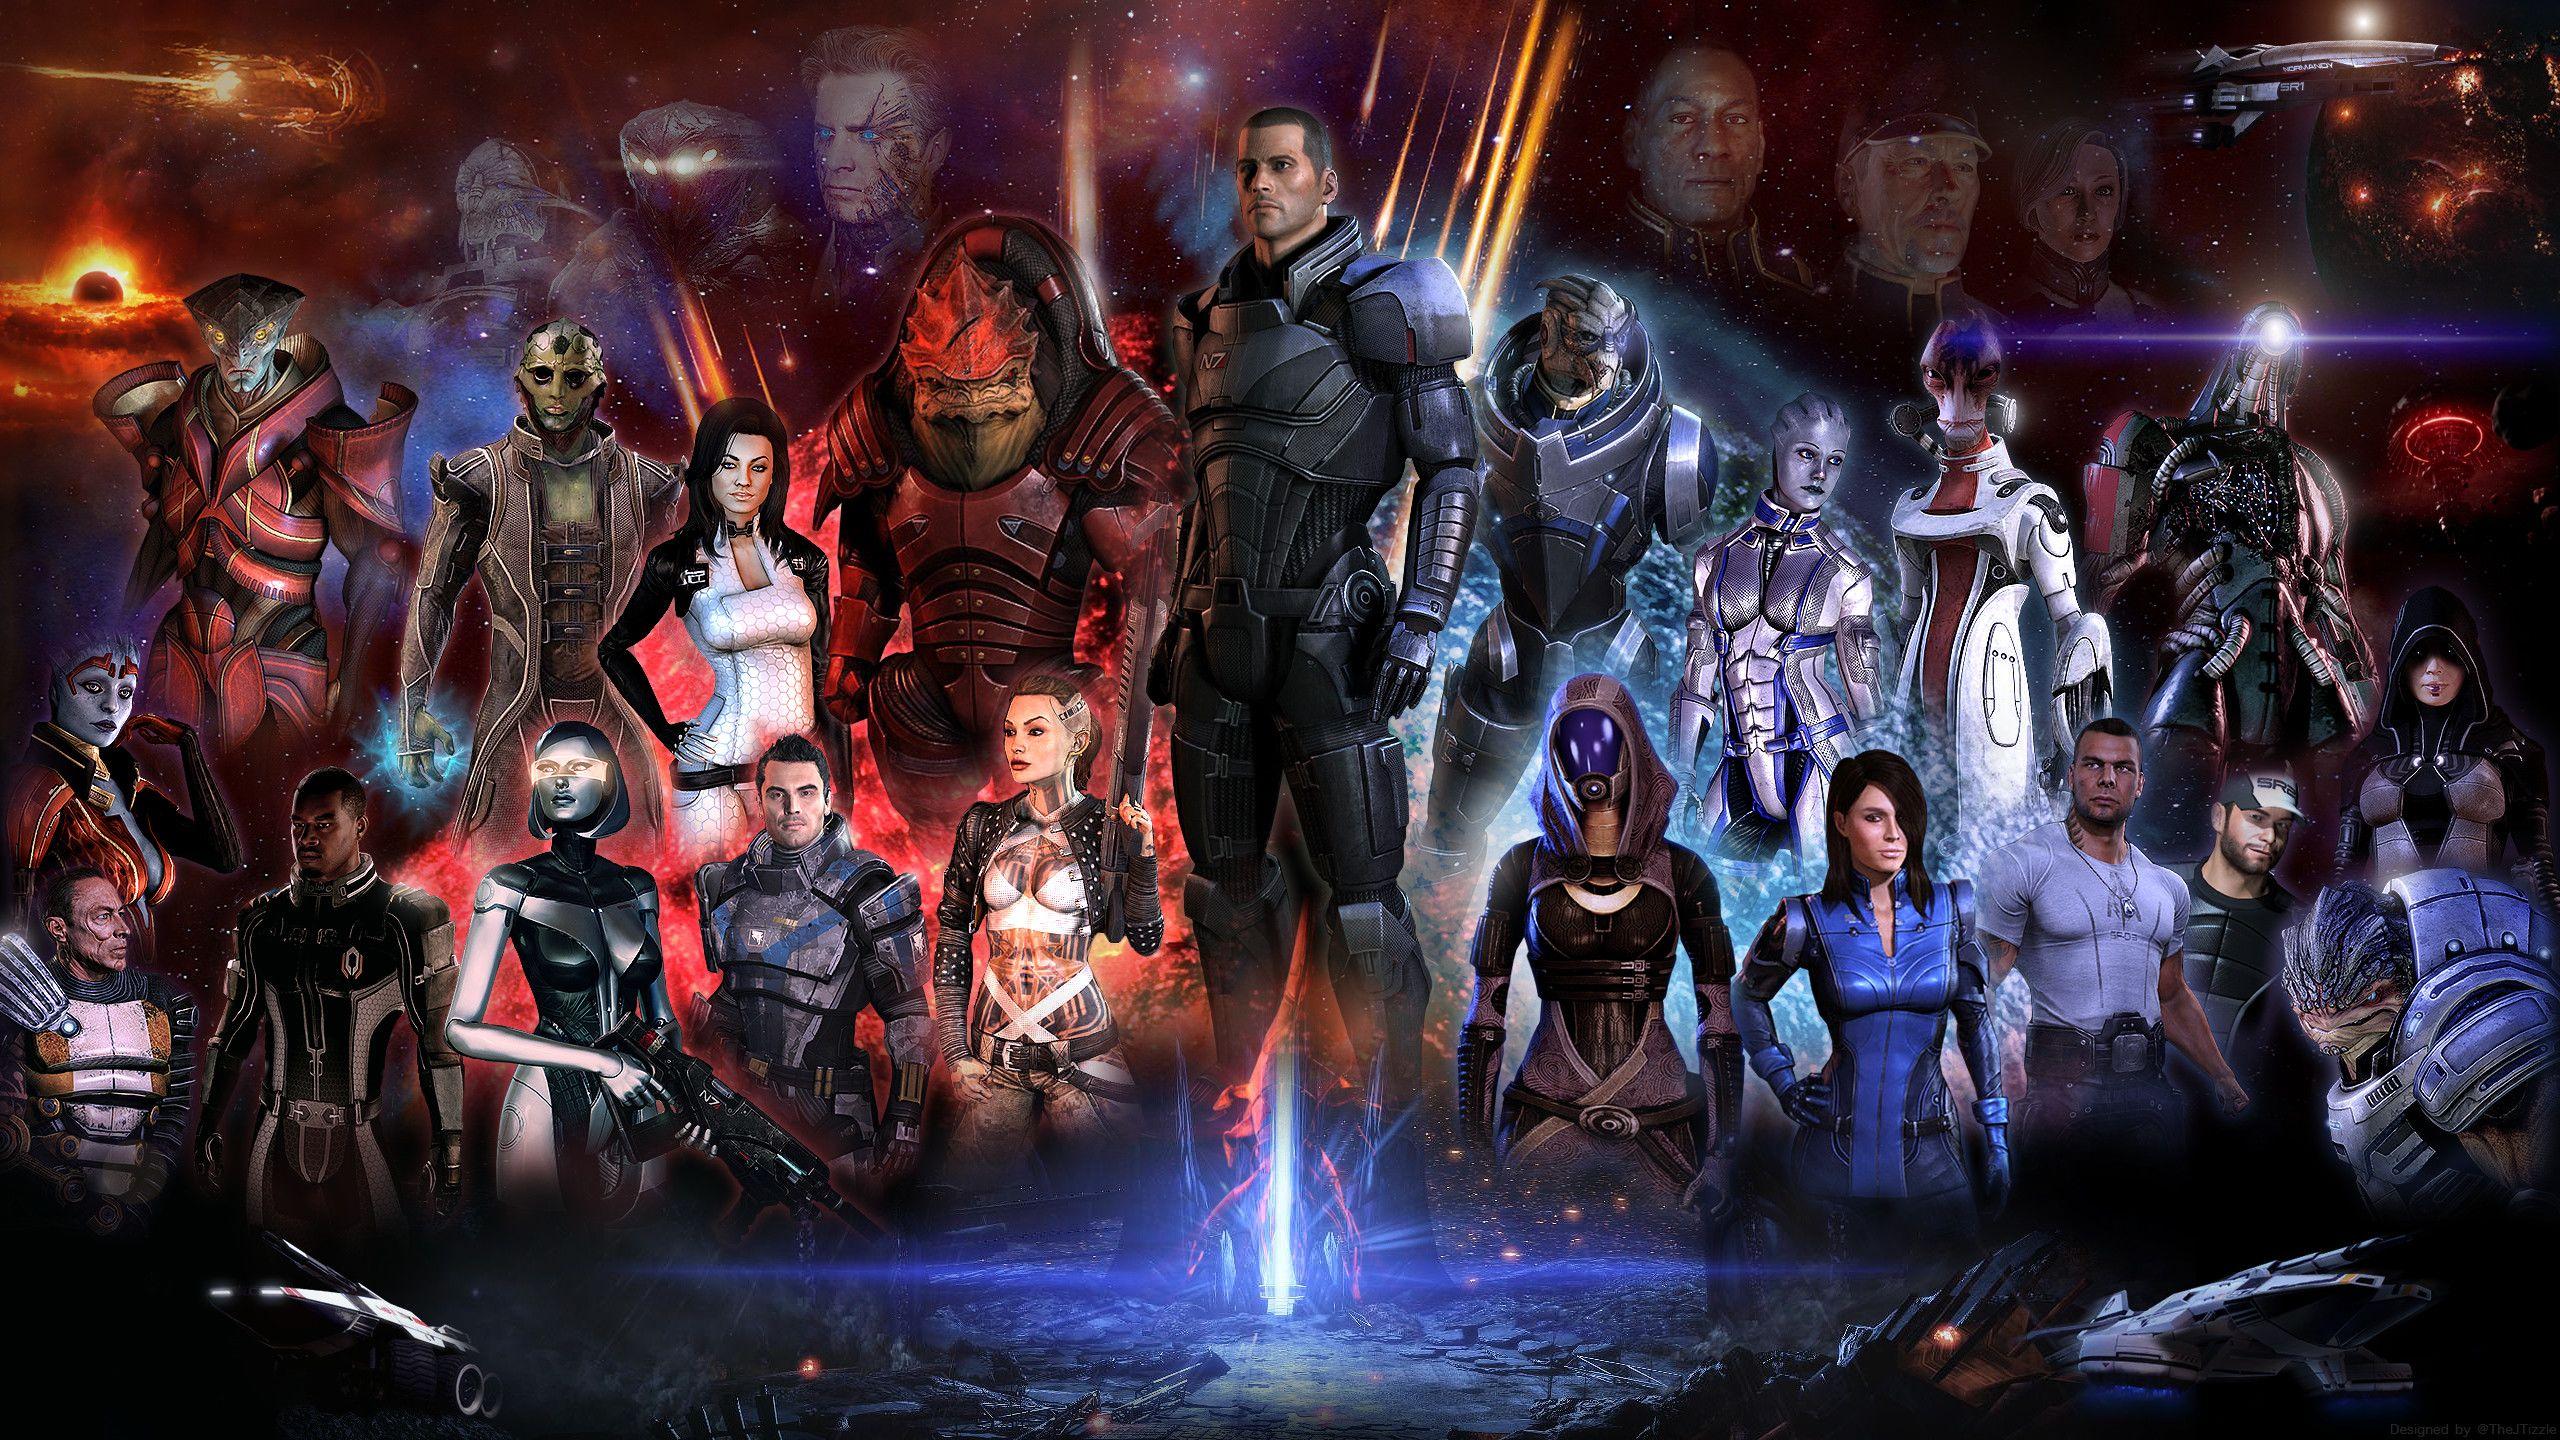 Mass Effect 4 Might Not Import Mass Effect Saves